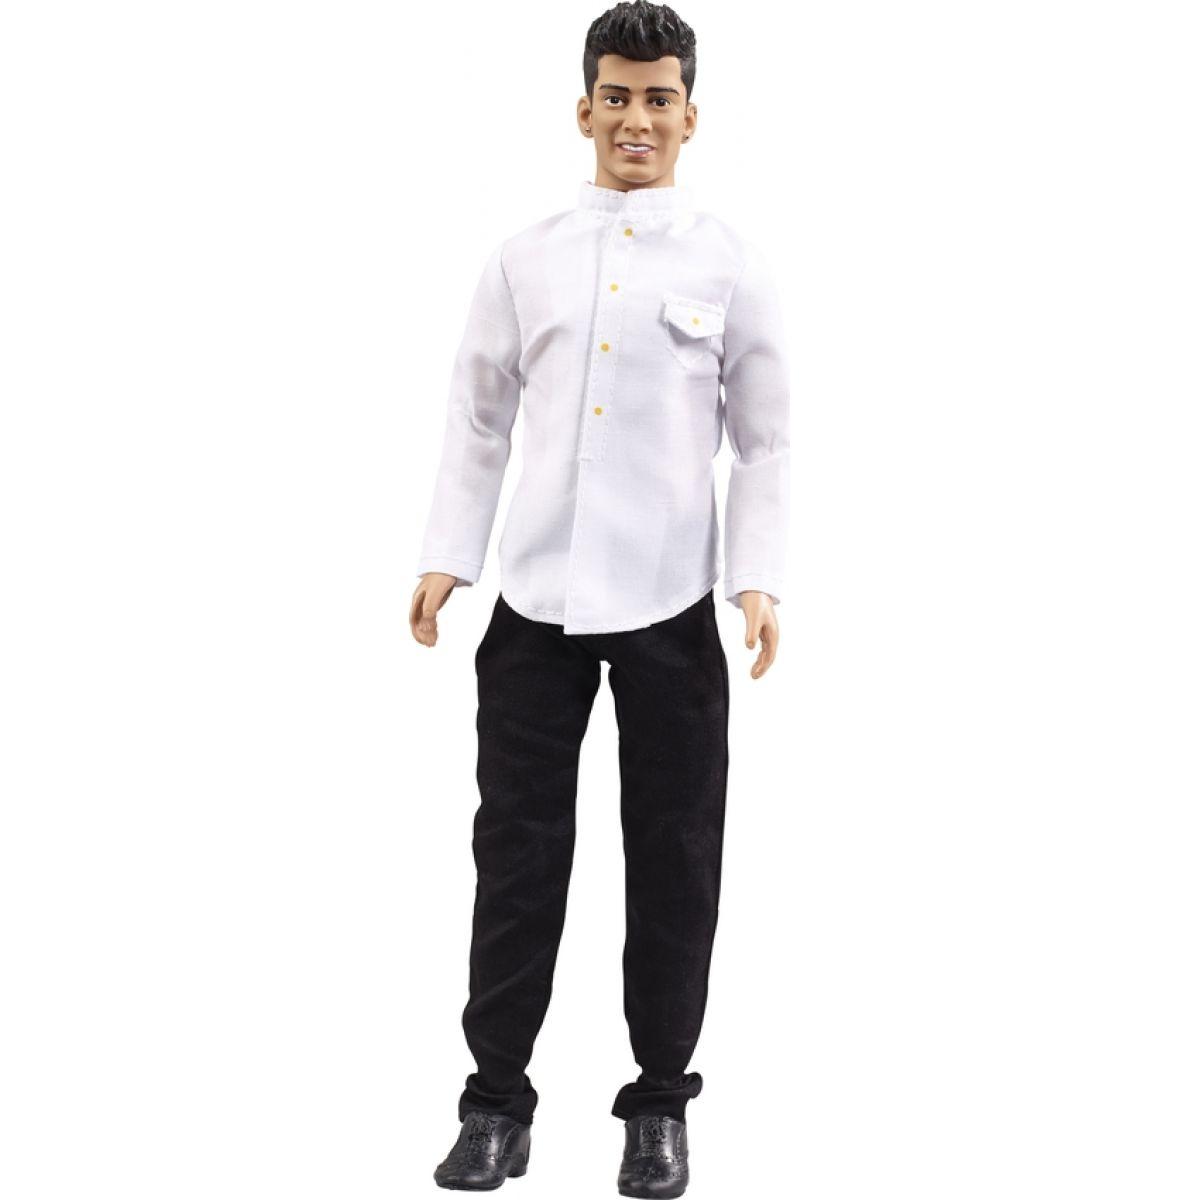 Vivid One Direction figurky - Zayn